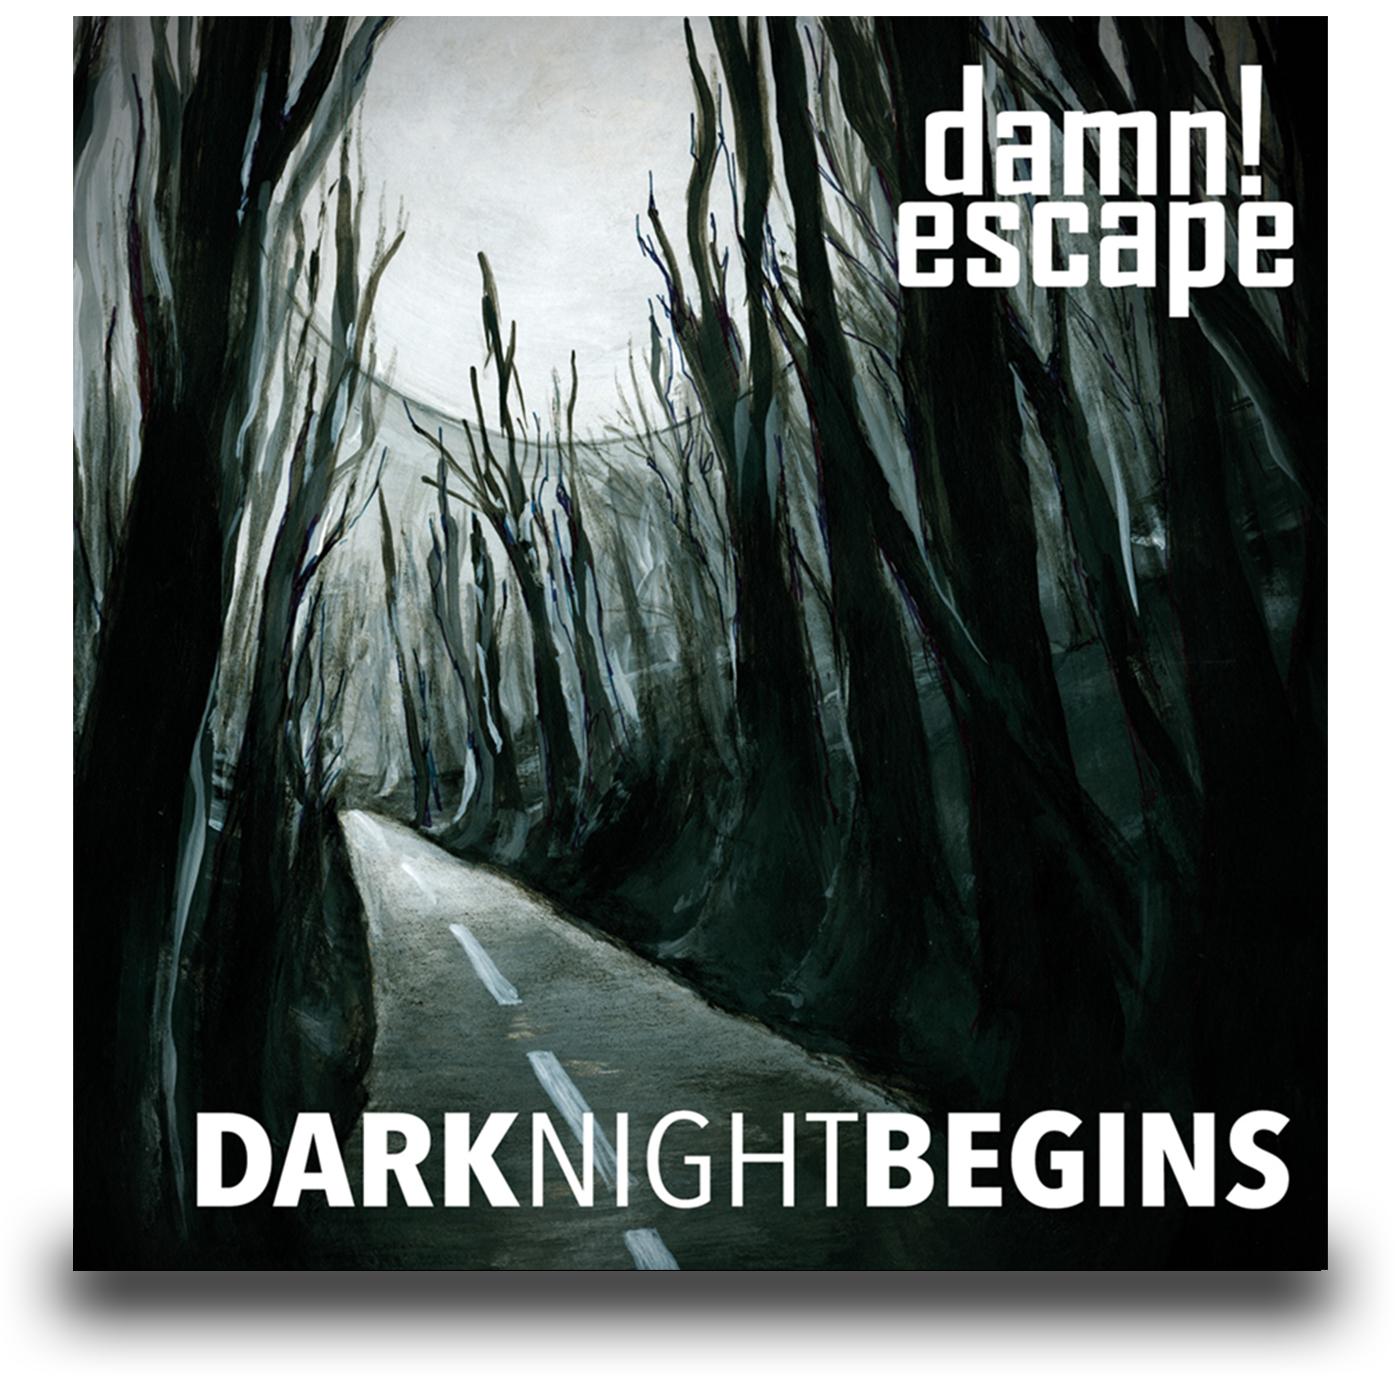 DarkNightBegins